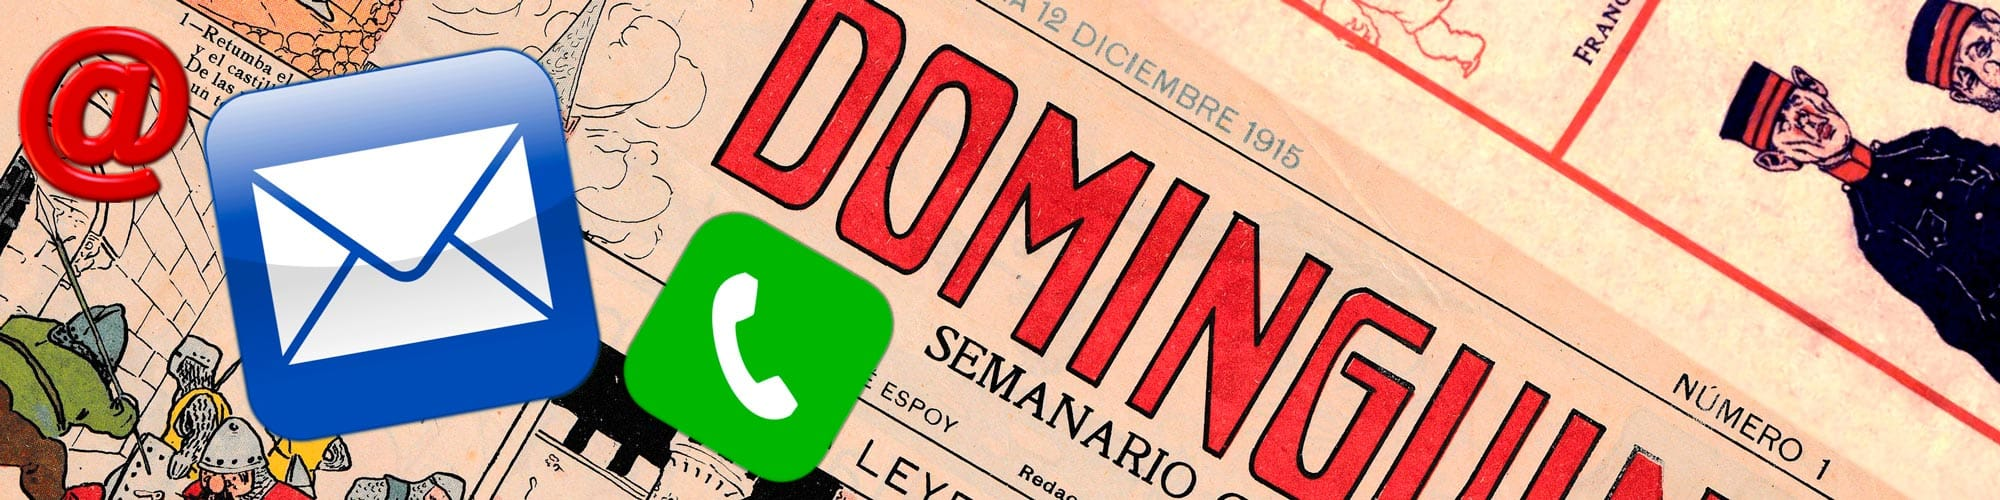 Museo del cómic: contacto